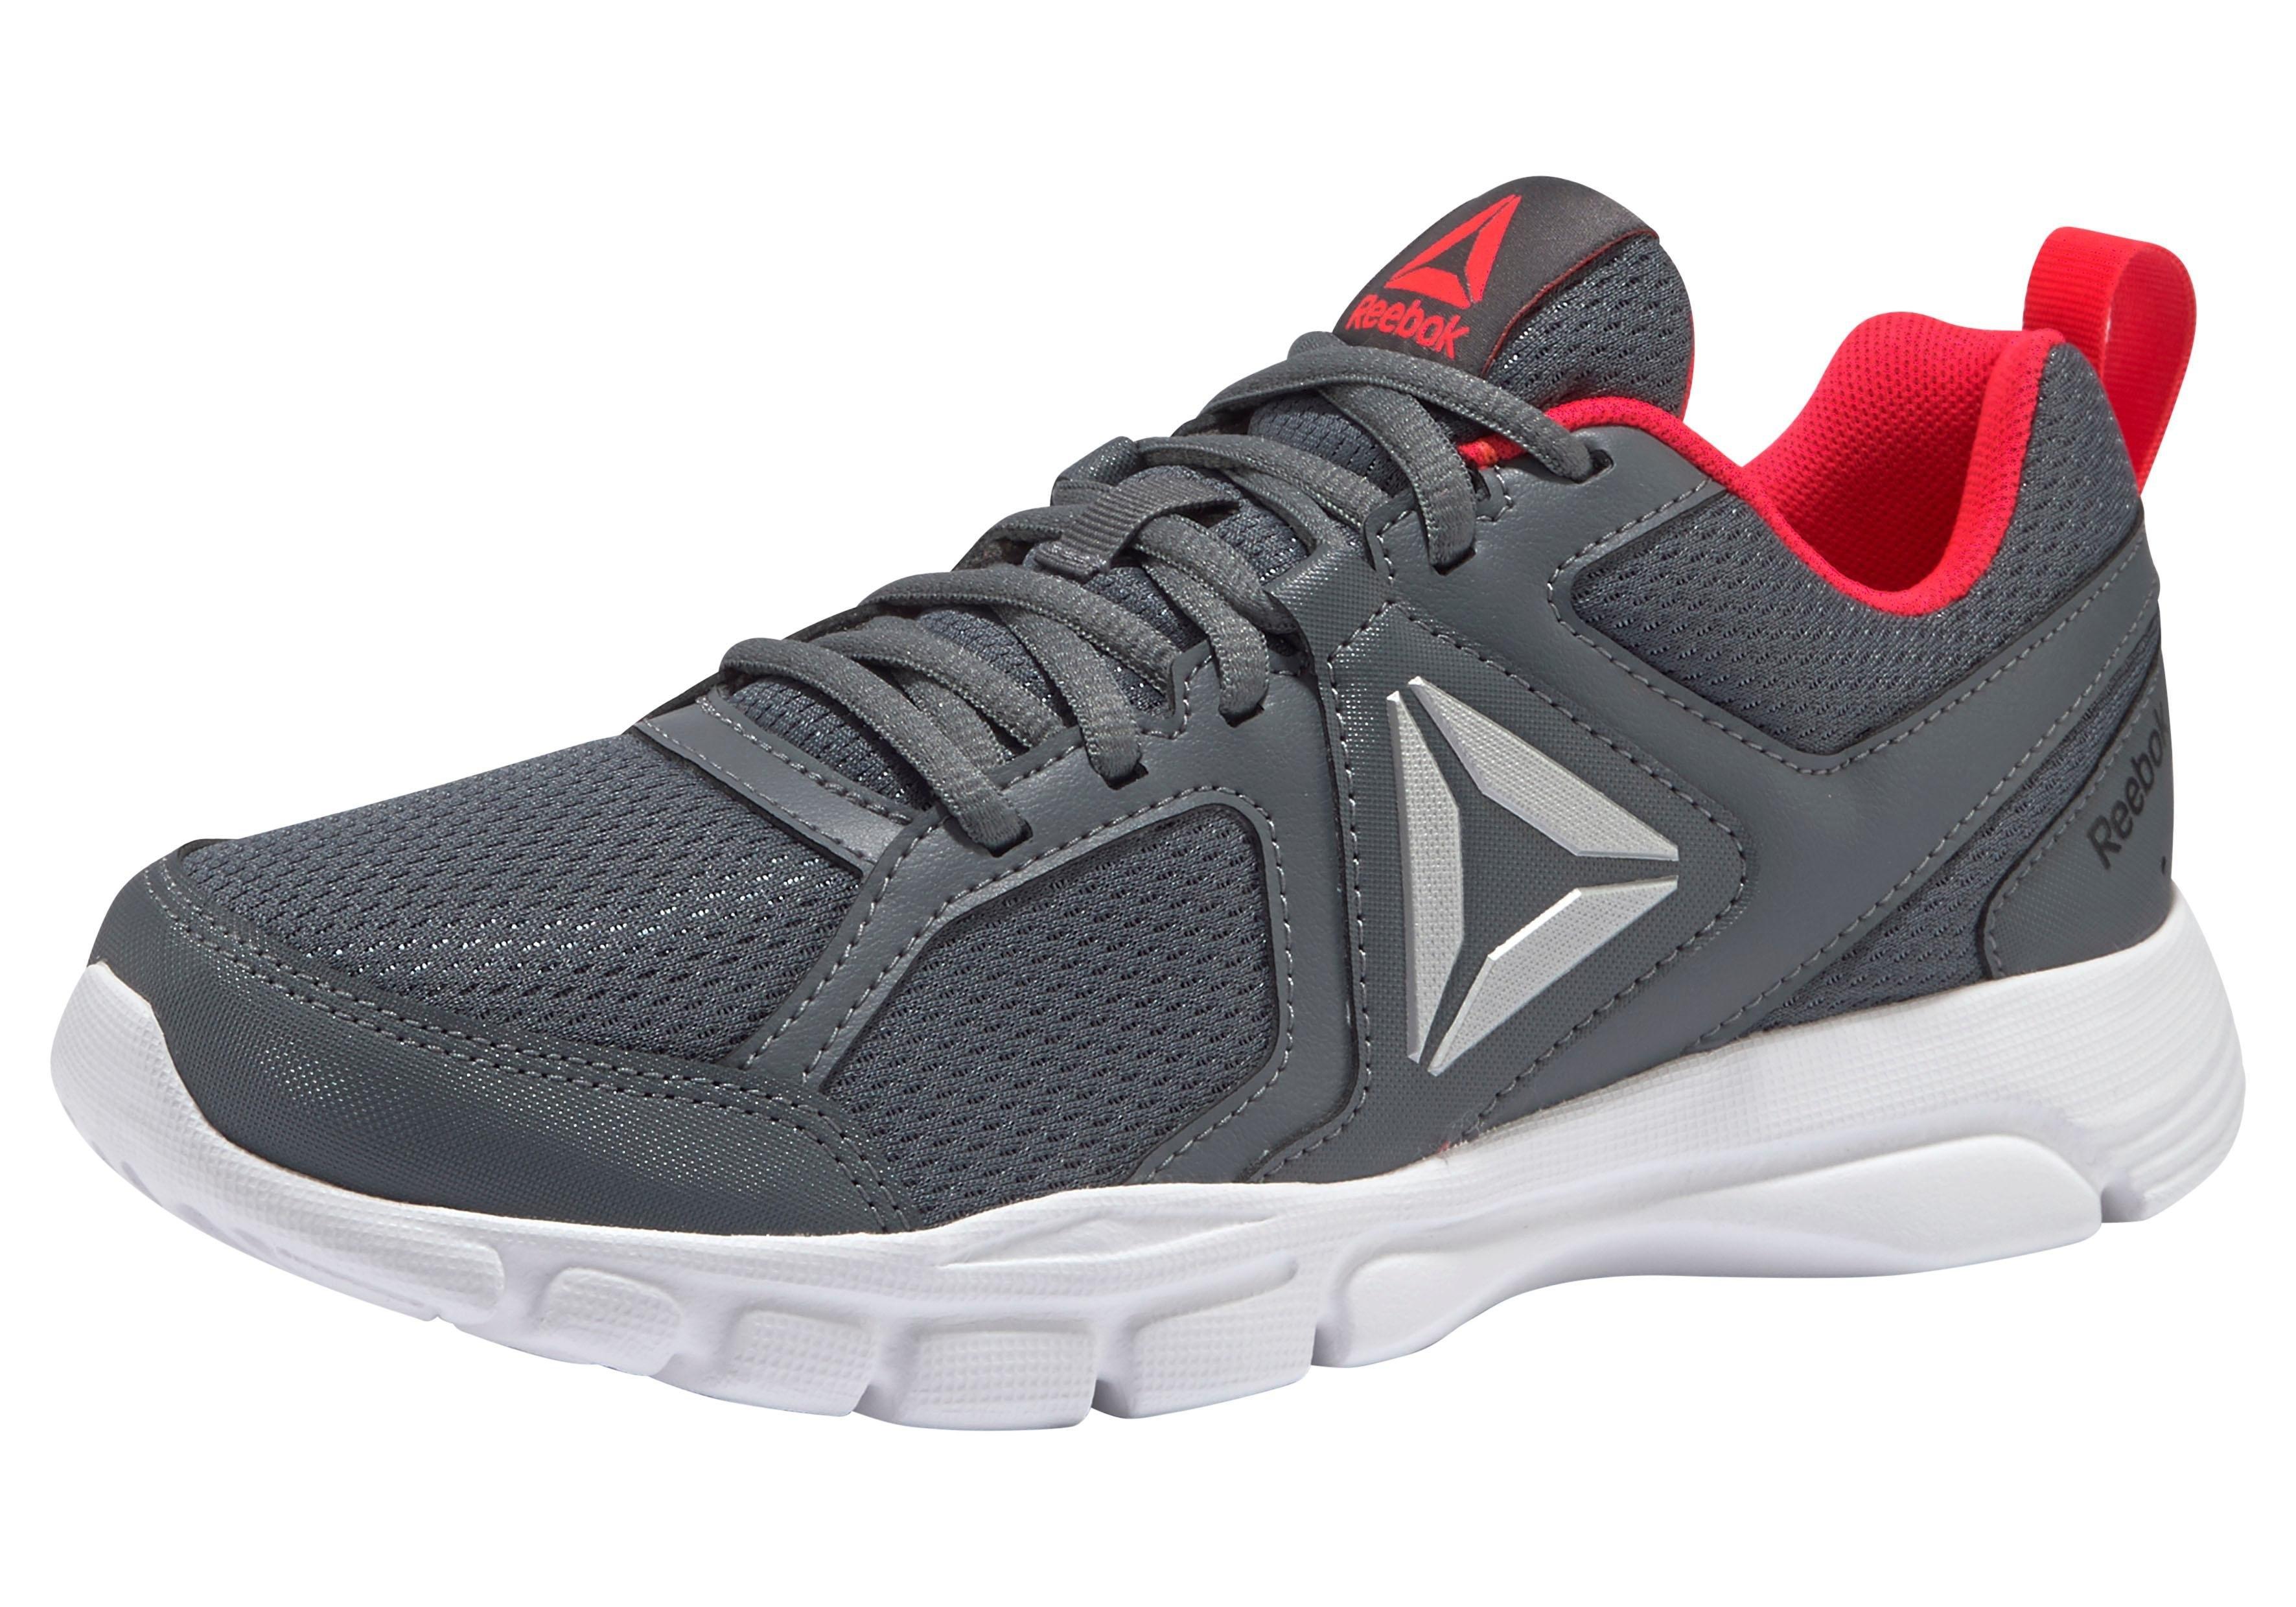 e6cc480d7f5 Fitness schoenen dames kopen? Bekijk ons aanbod | OTTO